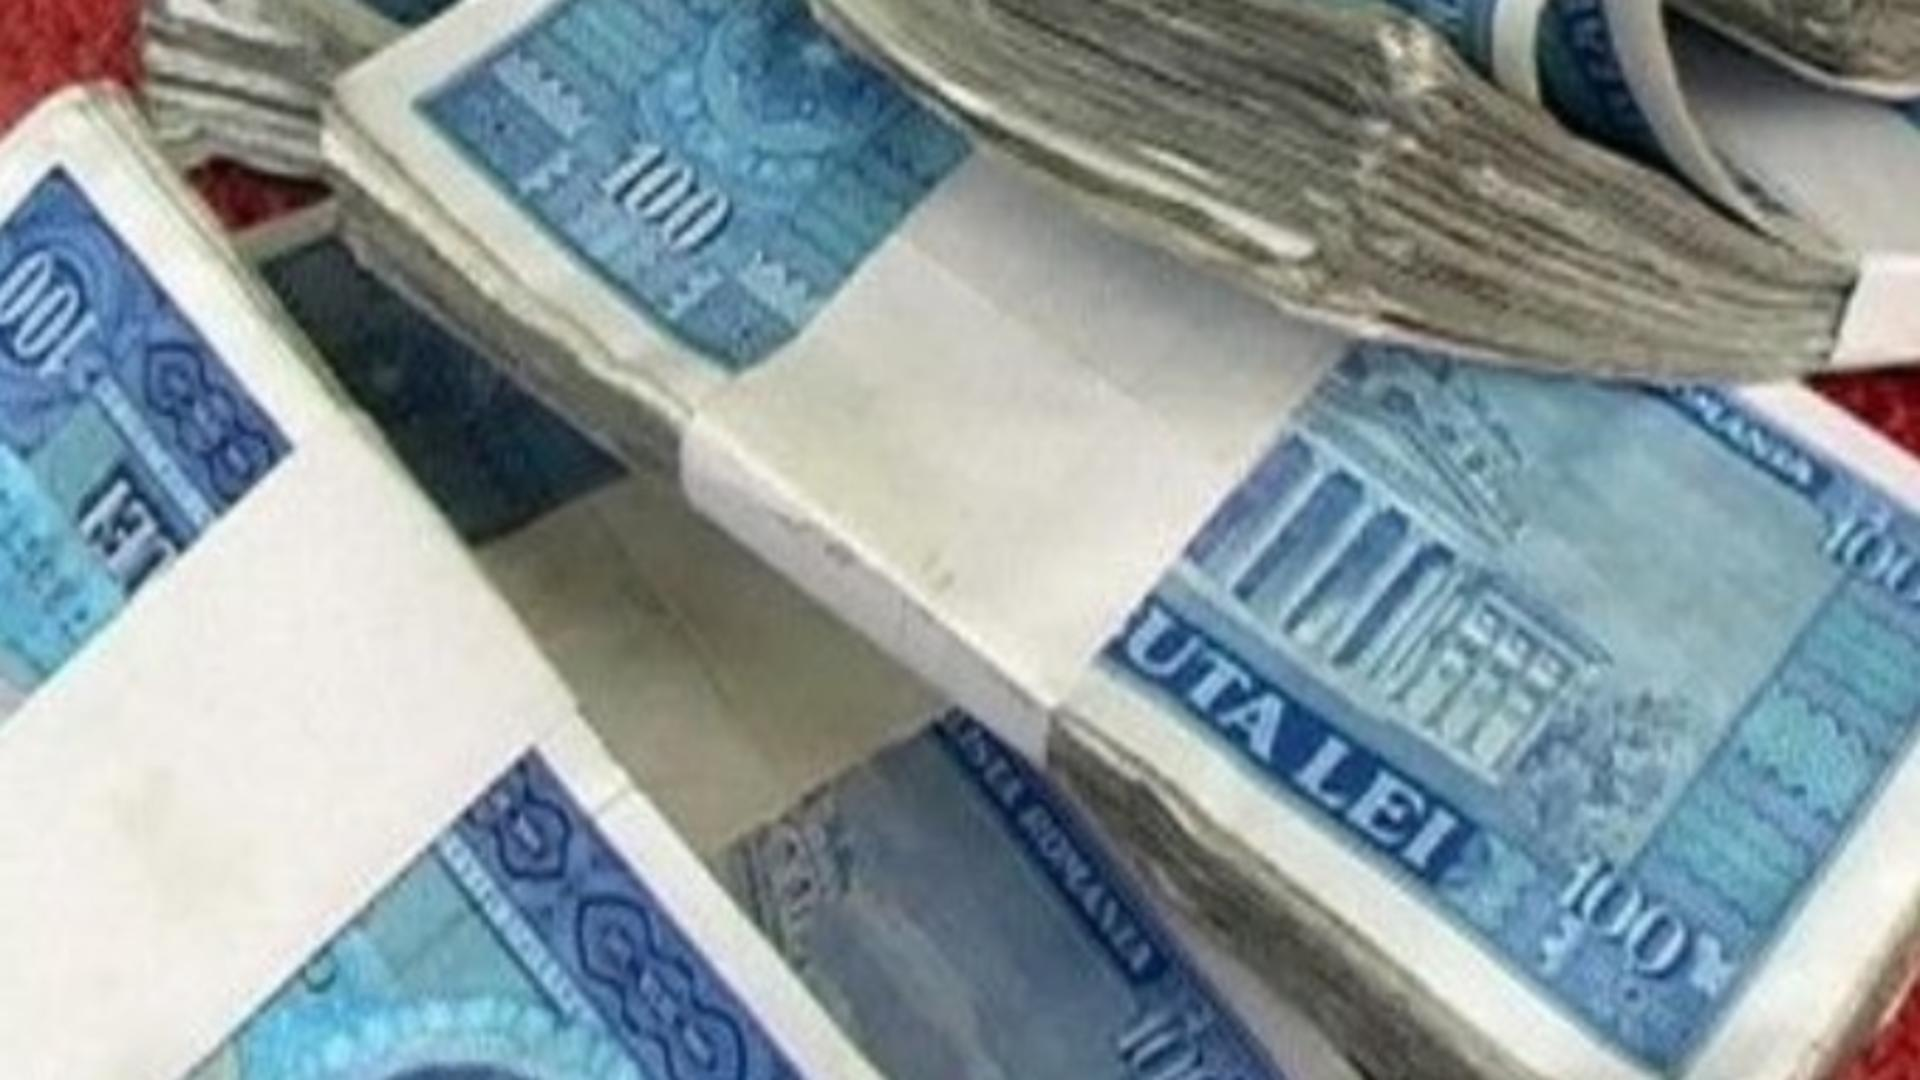 Unde sunt banii? Cine a avut control asupra lor?